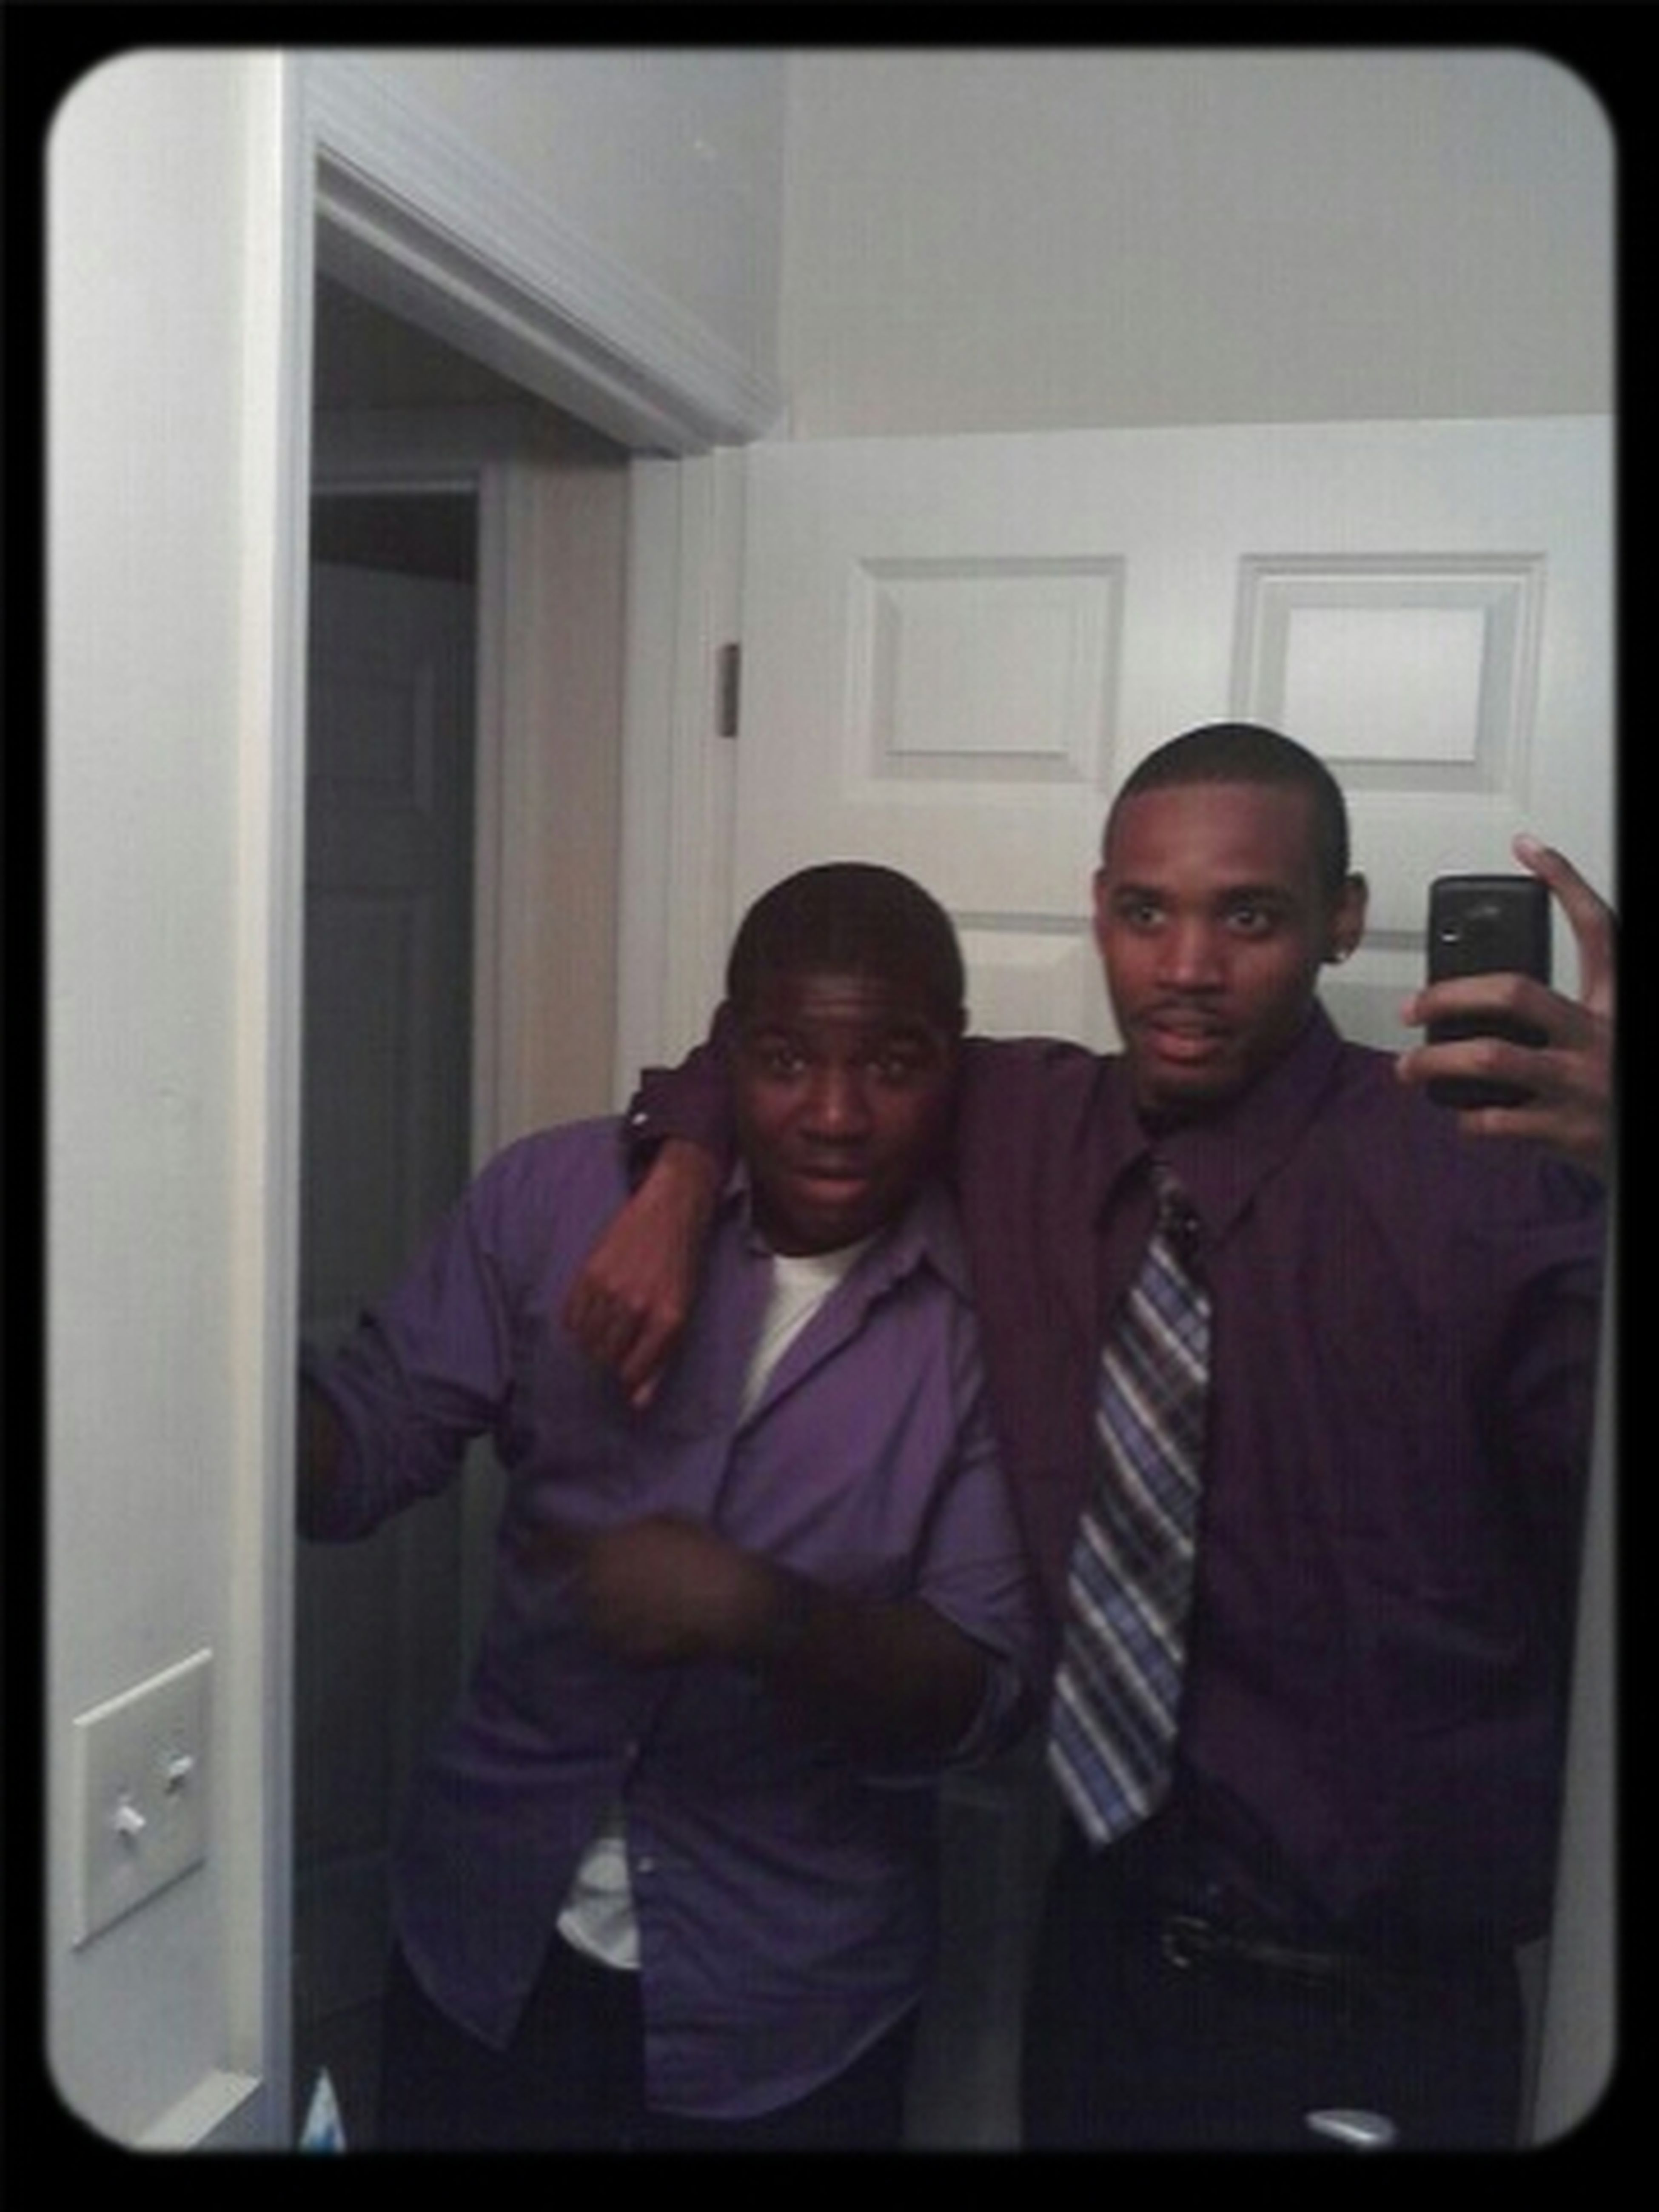 Me & Big Bruh After Church